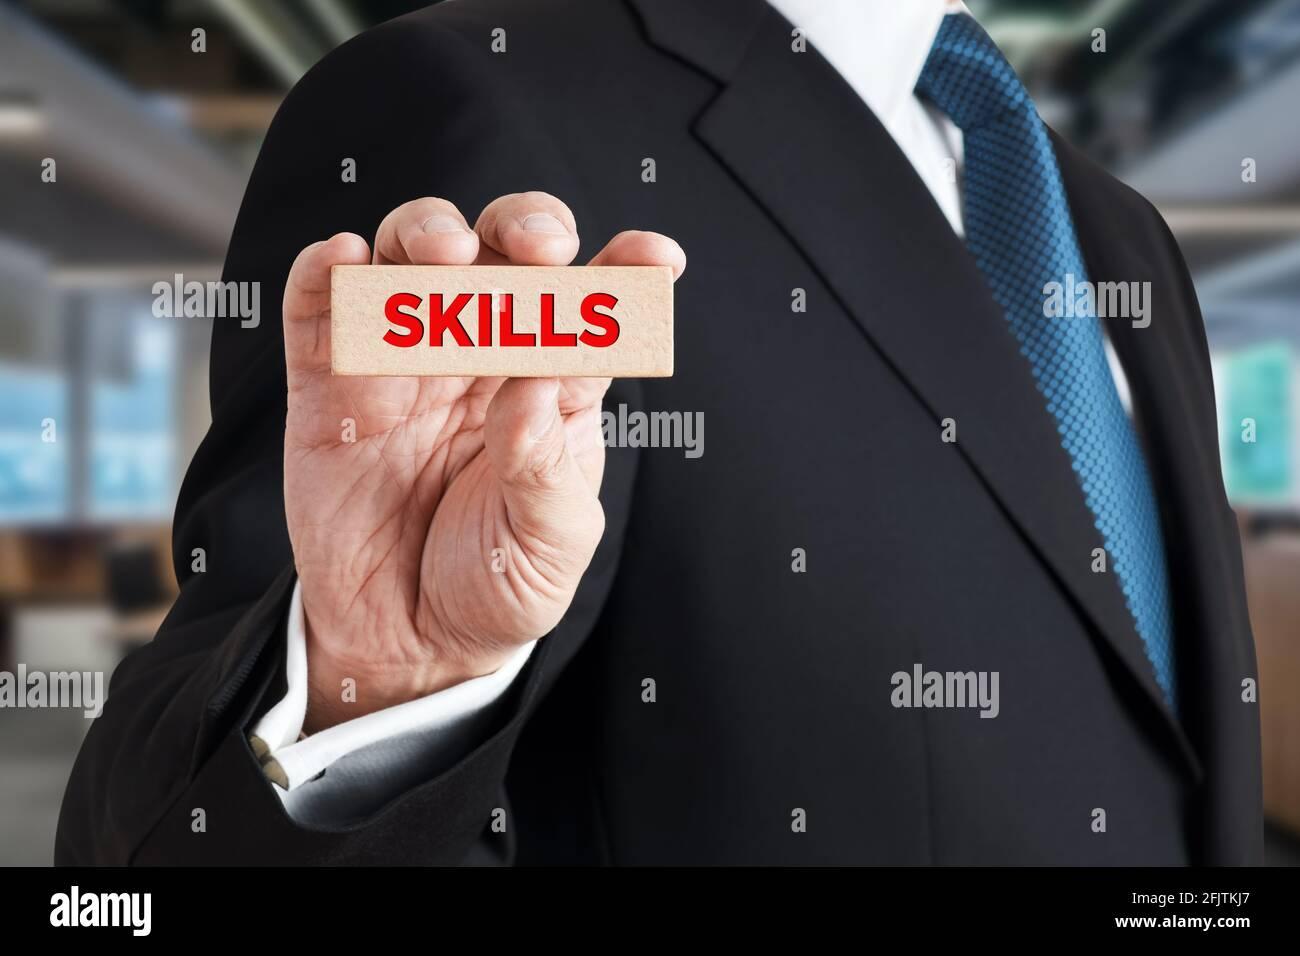 Geschäftsmann zeigt einen Holzblock mit dem Wort Fähigkeiten. Business- oder Berufsqualifikation, Kompetenz- oder Führungskräftekonzept. Stockfoto